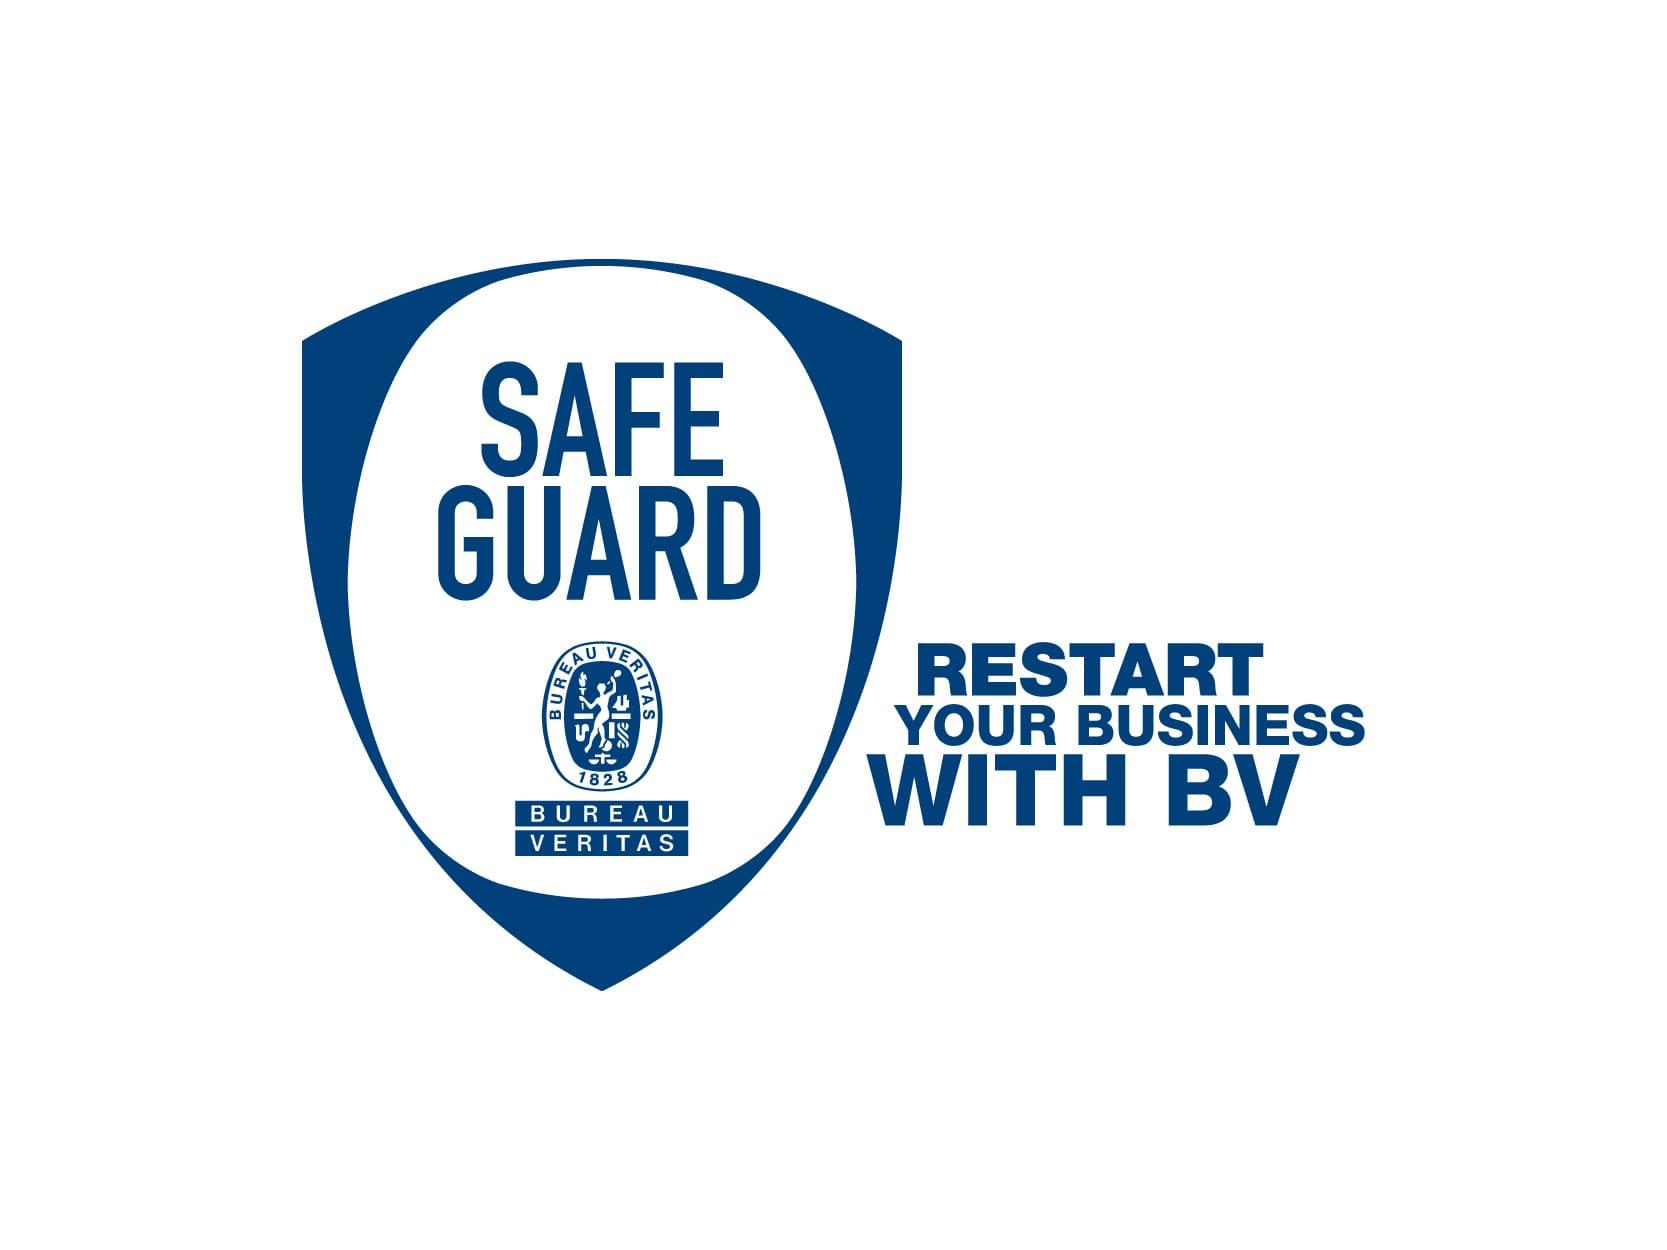 SafeGuard-Label – Juni 2021